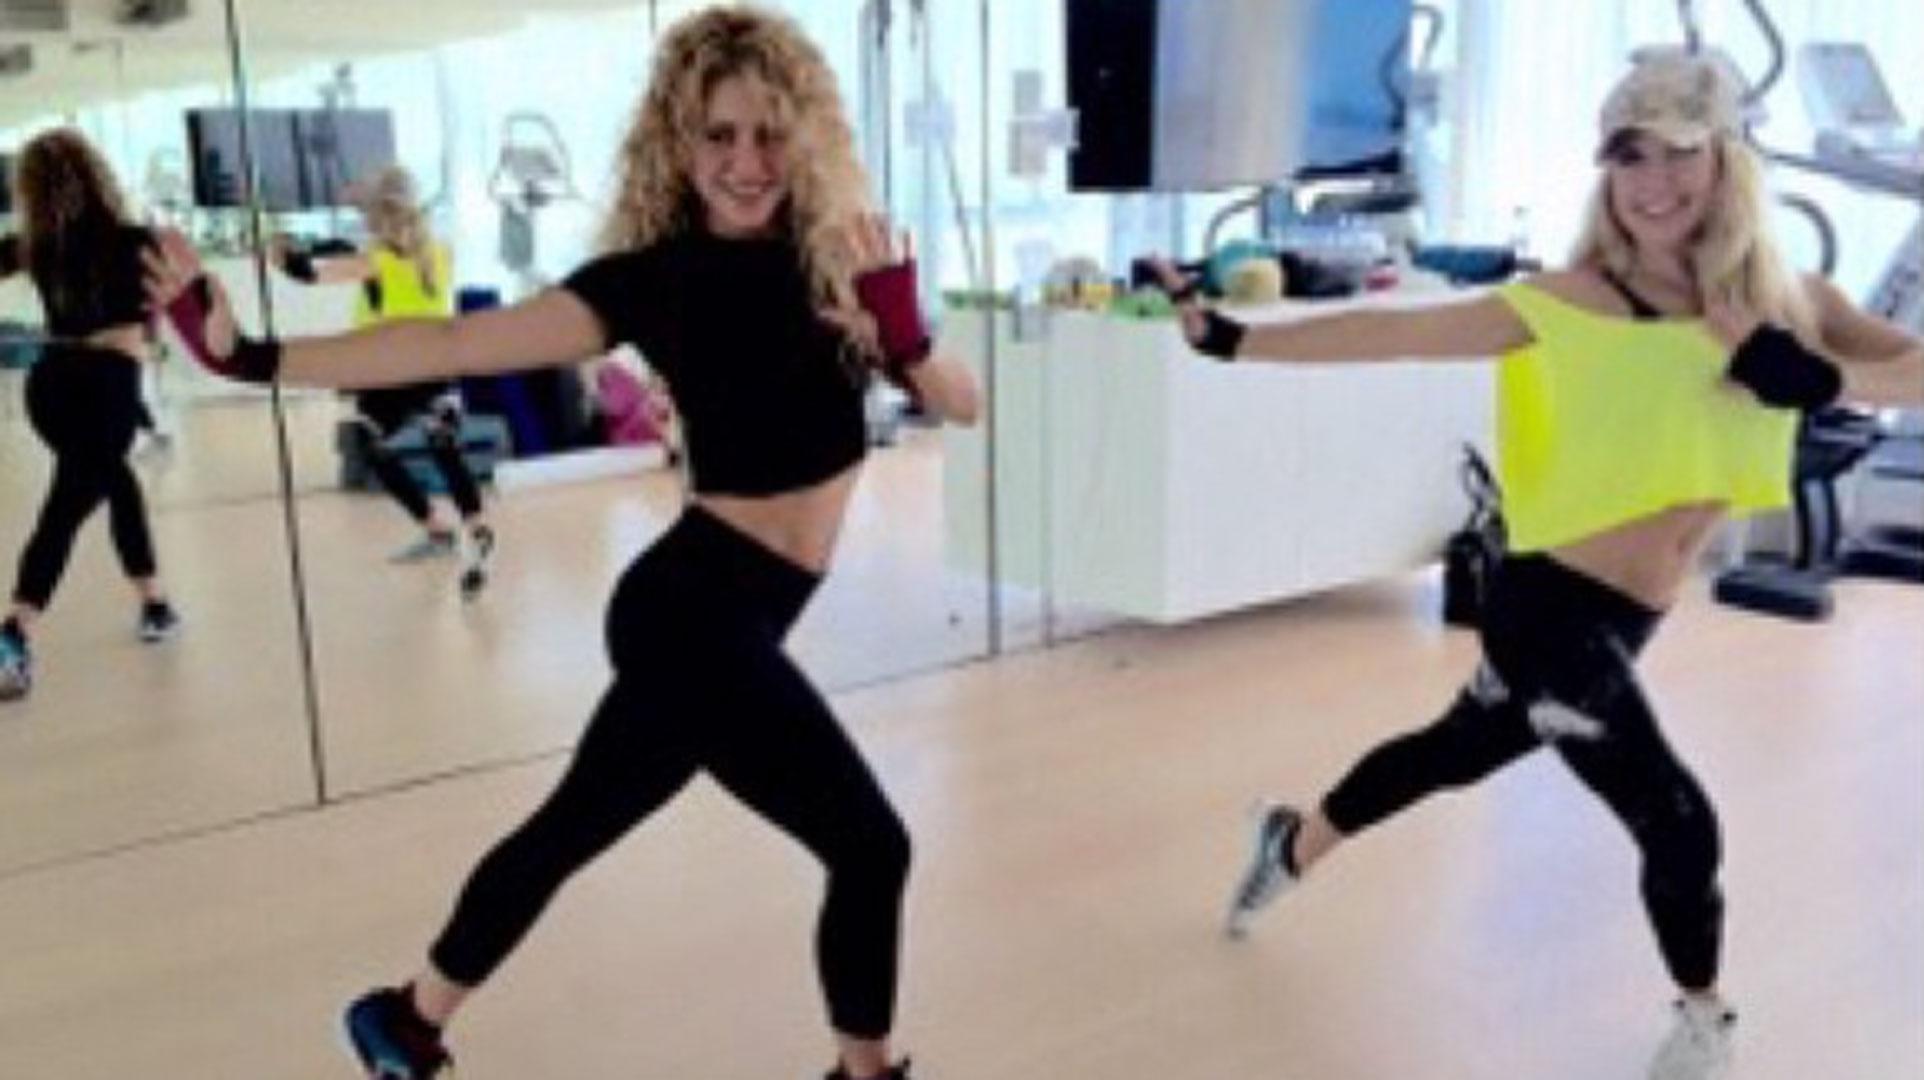 Shakira Tras Esbelta Meses Su Embarazo Figura Segundo Cuatro Luce PukXiZ